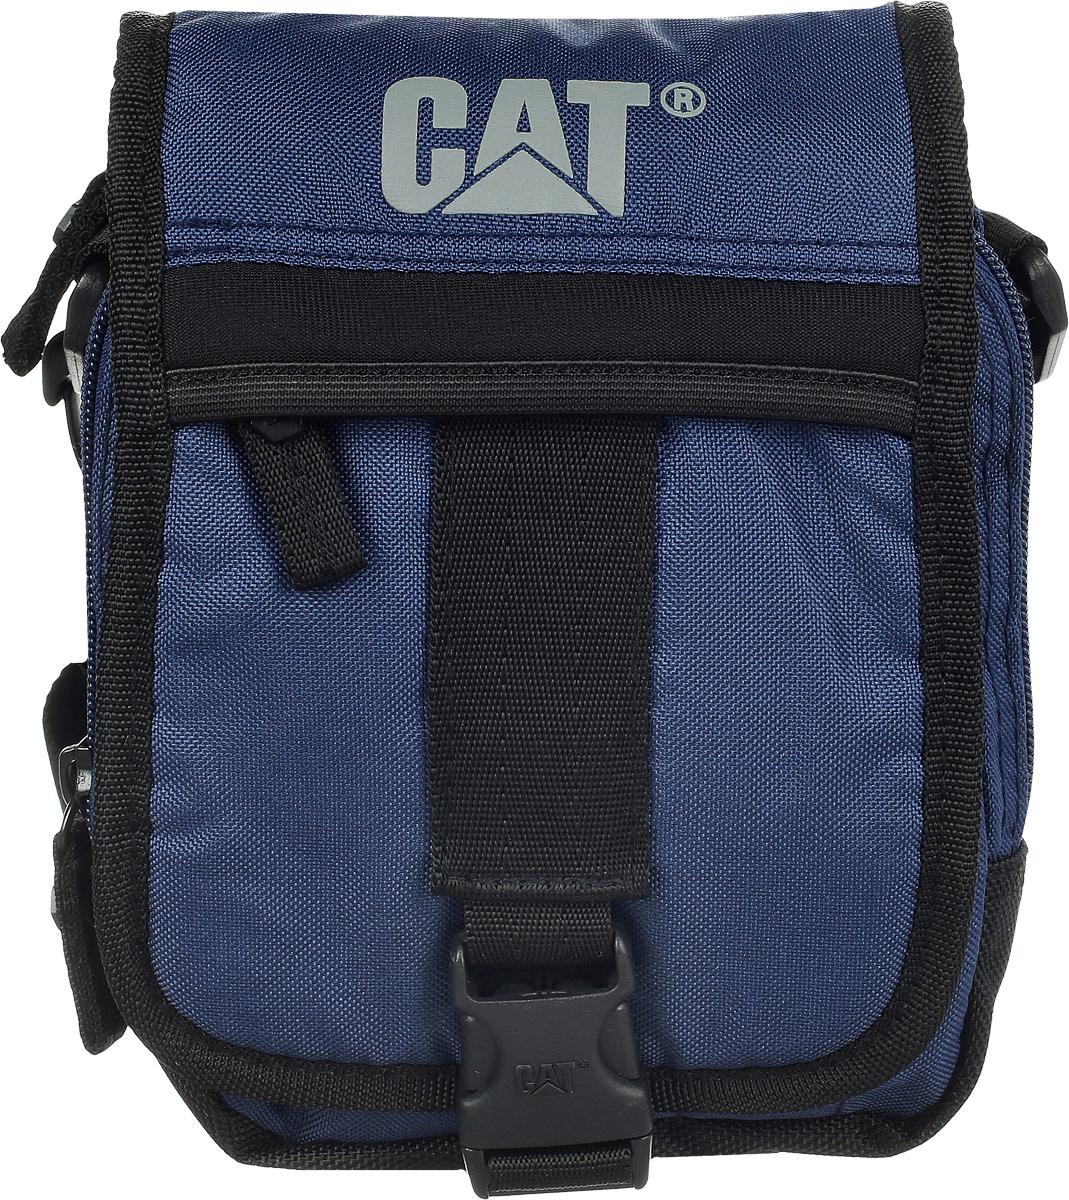 Сумка на плечо Caterpillar Ronald, цвет: темно-синий, черный, 2 л95478-231-00Стильная сумка Caterpillar Ronald выполнена из полиэстера. Изделие имеет два основных отделения, которые закрываются на застежки-молнии. Внутри одного из отделений имеется накладной карман на липучке. Закрывается изделие на клапан с пластиковой защелкой. Снаружи, на передней стенке под клапаном находится накладной открытый кармашек, два держателя для авторучек и прорезной карман на застежке-молнии, внутри которого предусмотрен текстильный ремешок с карабином для ключей. Клапан также оснащен дополнительным прорезным карманом на застежке-молнии. Сумка оснащена съемным текстильным плечевым ремнем, который регулируется по длине. На задней стенке предусмотрена текстильная ручка на кнопке. Стильная сумка Caterpillar Ronald станет незаменимой в повседневной жизни.